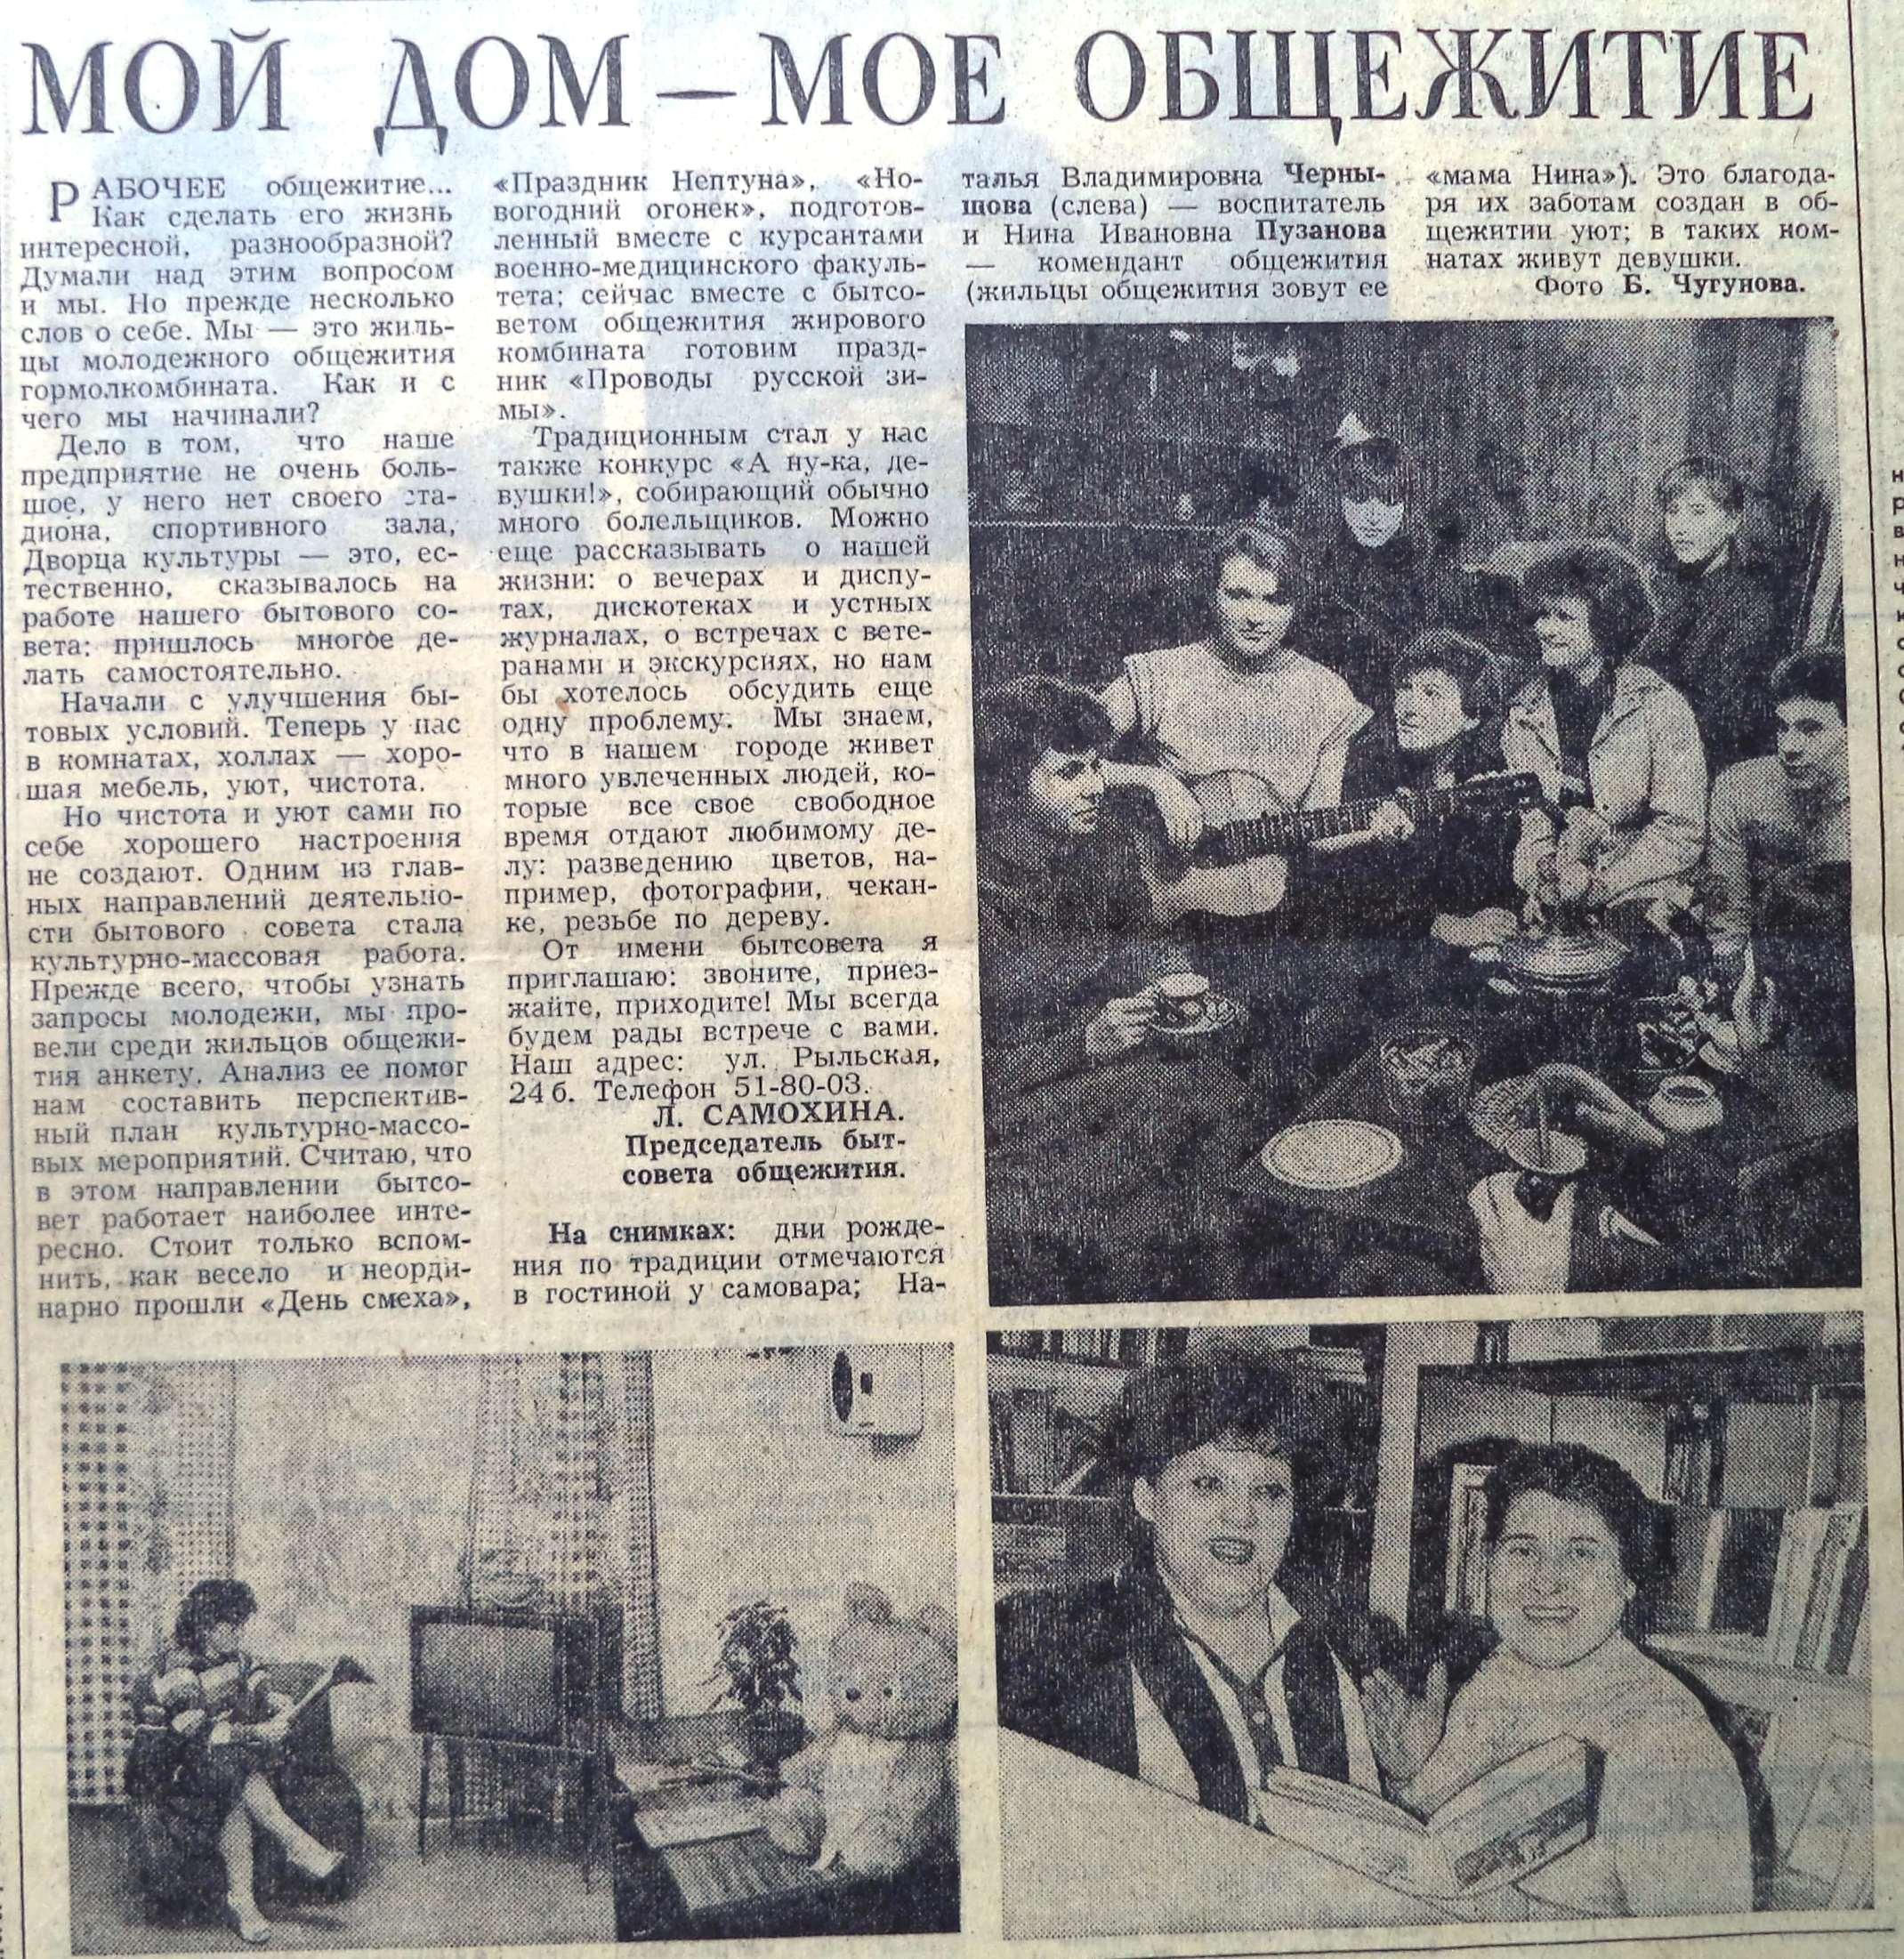 Рыльская-ФОТО-21-ВЗя-1986-02-21-об общеж. молокоз-да на Рыльской-24 Б